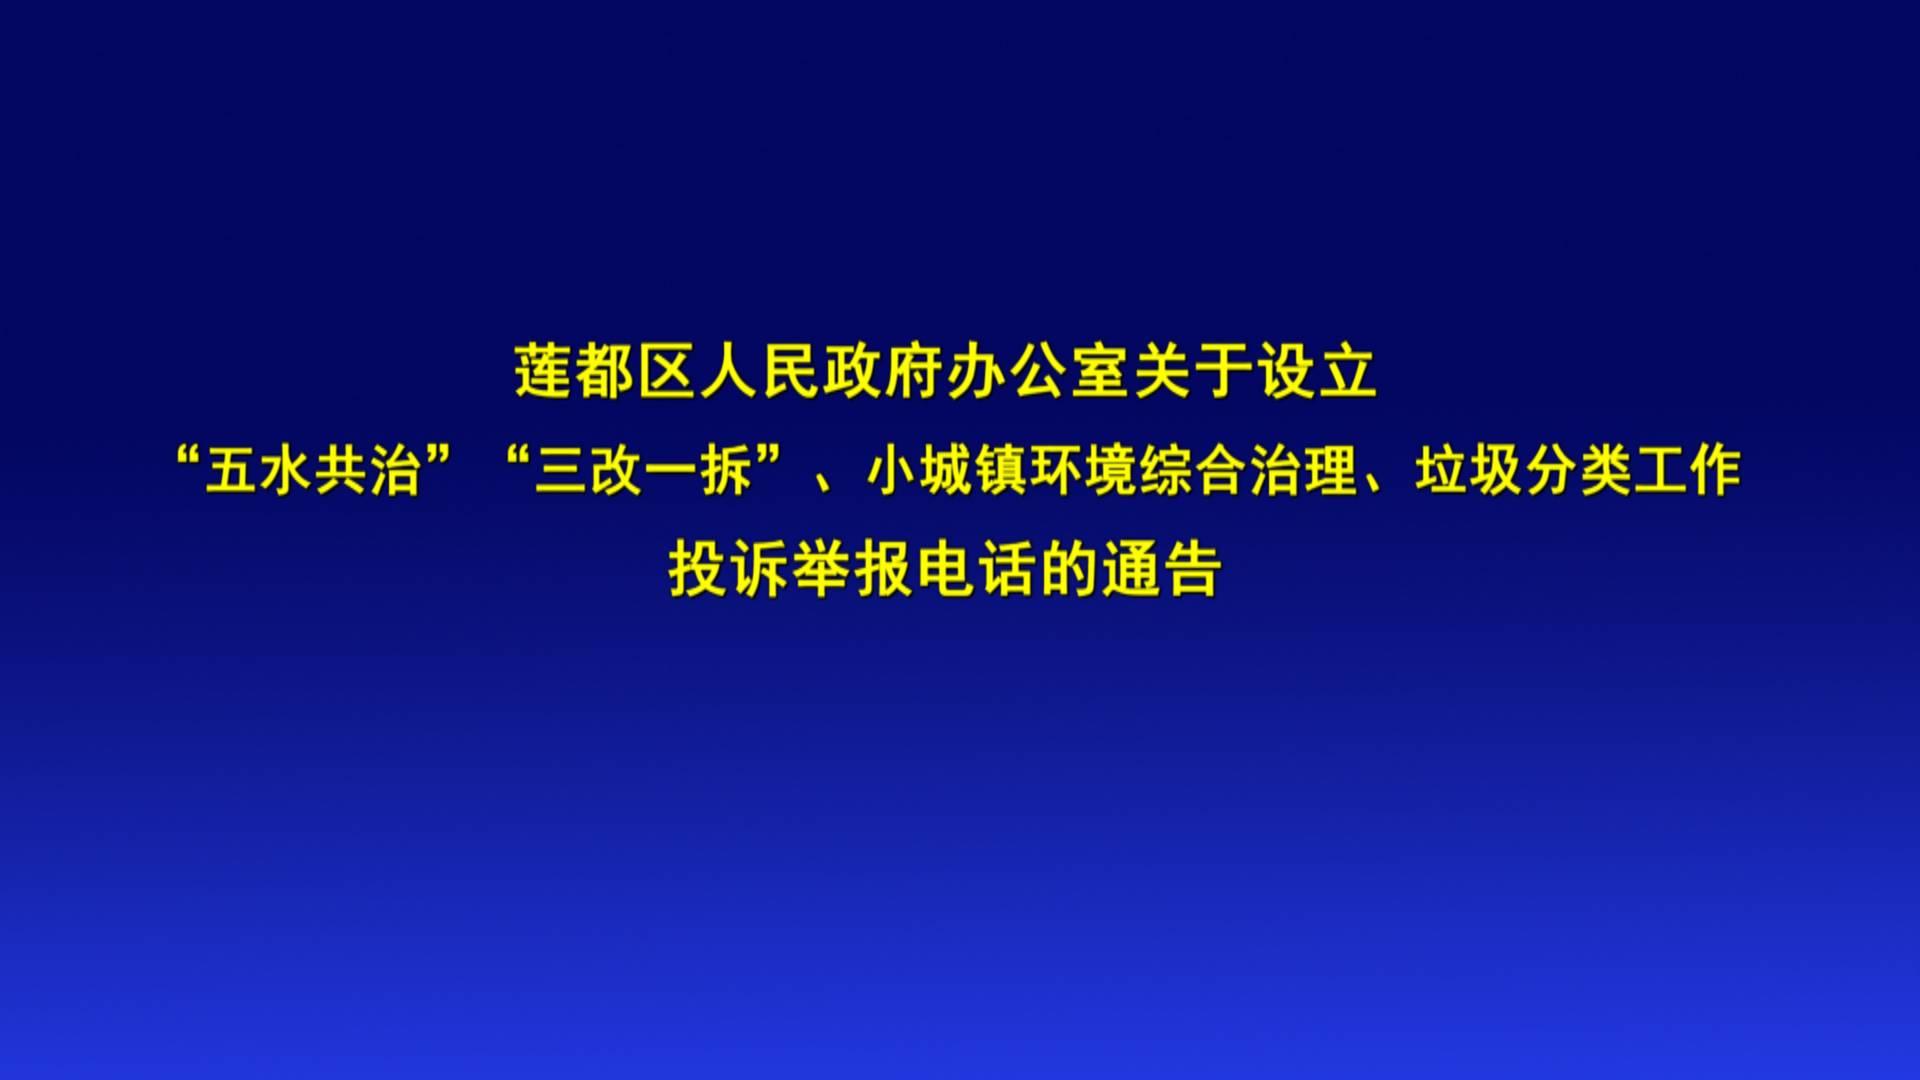 """莲都区人民政府办公室关于设立""""五水共治""""""""三改一拆""""、小城镇环境综合整治、垃圾分类工作投诉举报电话的通告"""